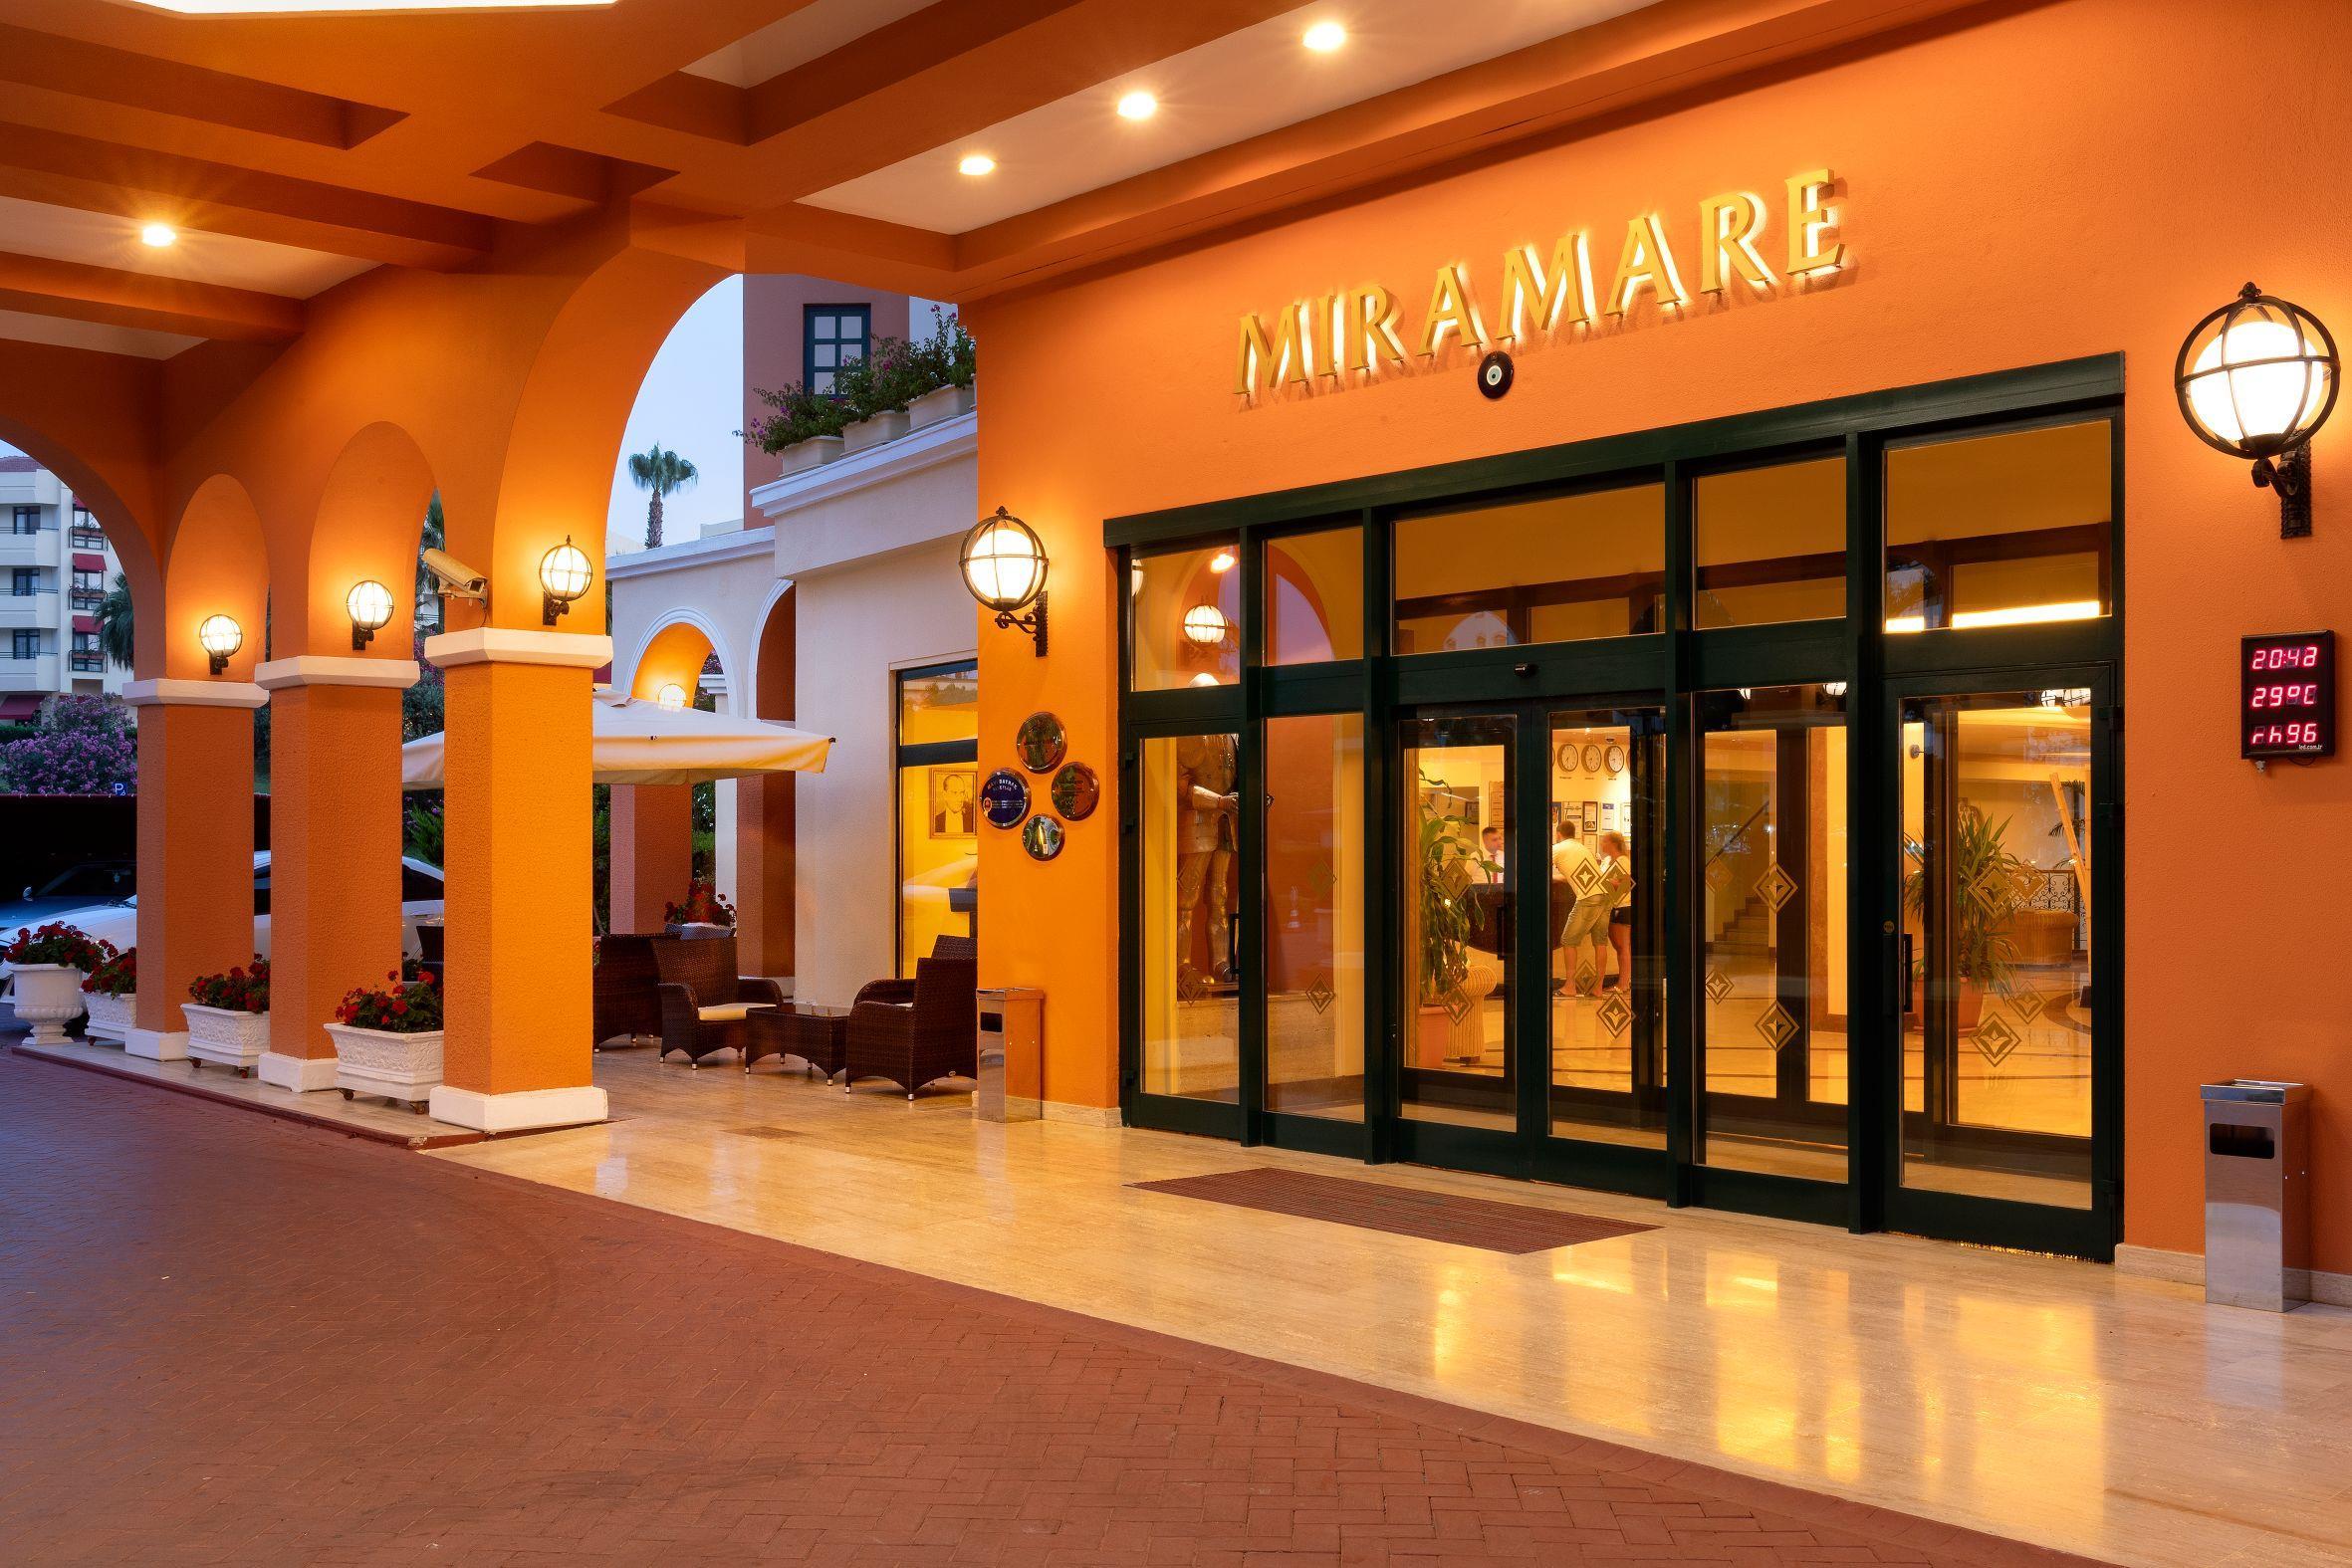 http://www.orextravel.sk/OREX/hotelphotos/miramare-queen-hotel-general-0052.jpg